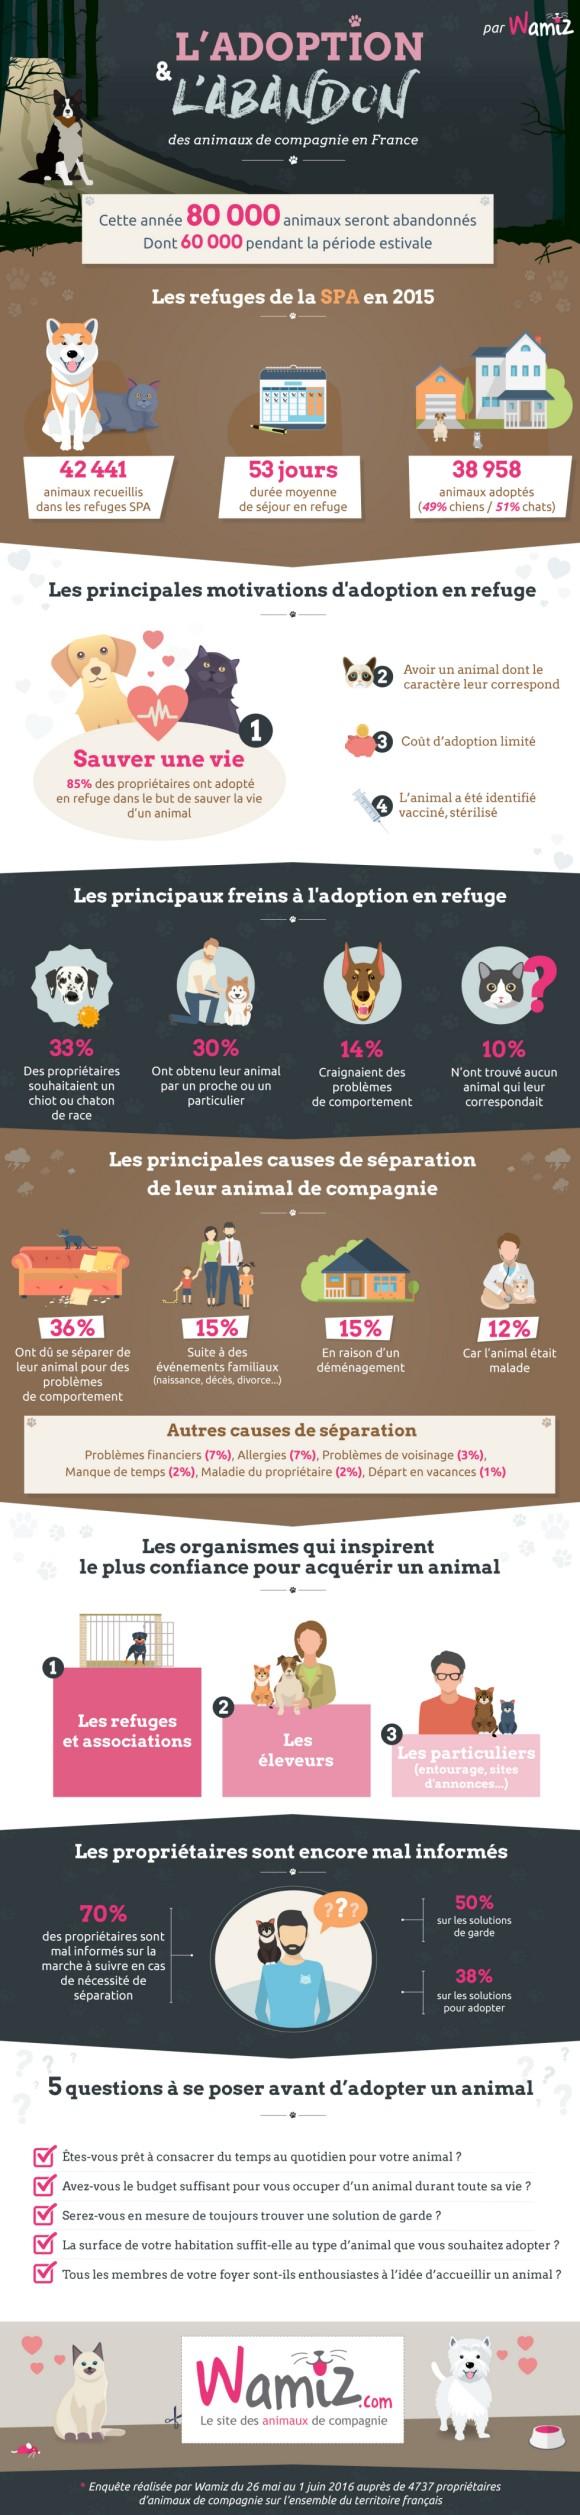 Enquête : l'abandon et l'adoption des animaux de compagnie en France (Infographie)